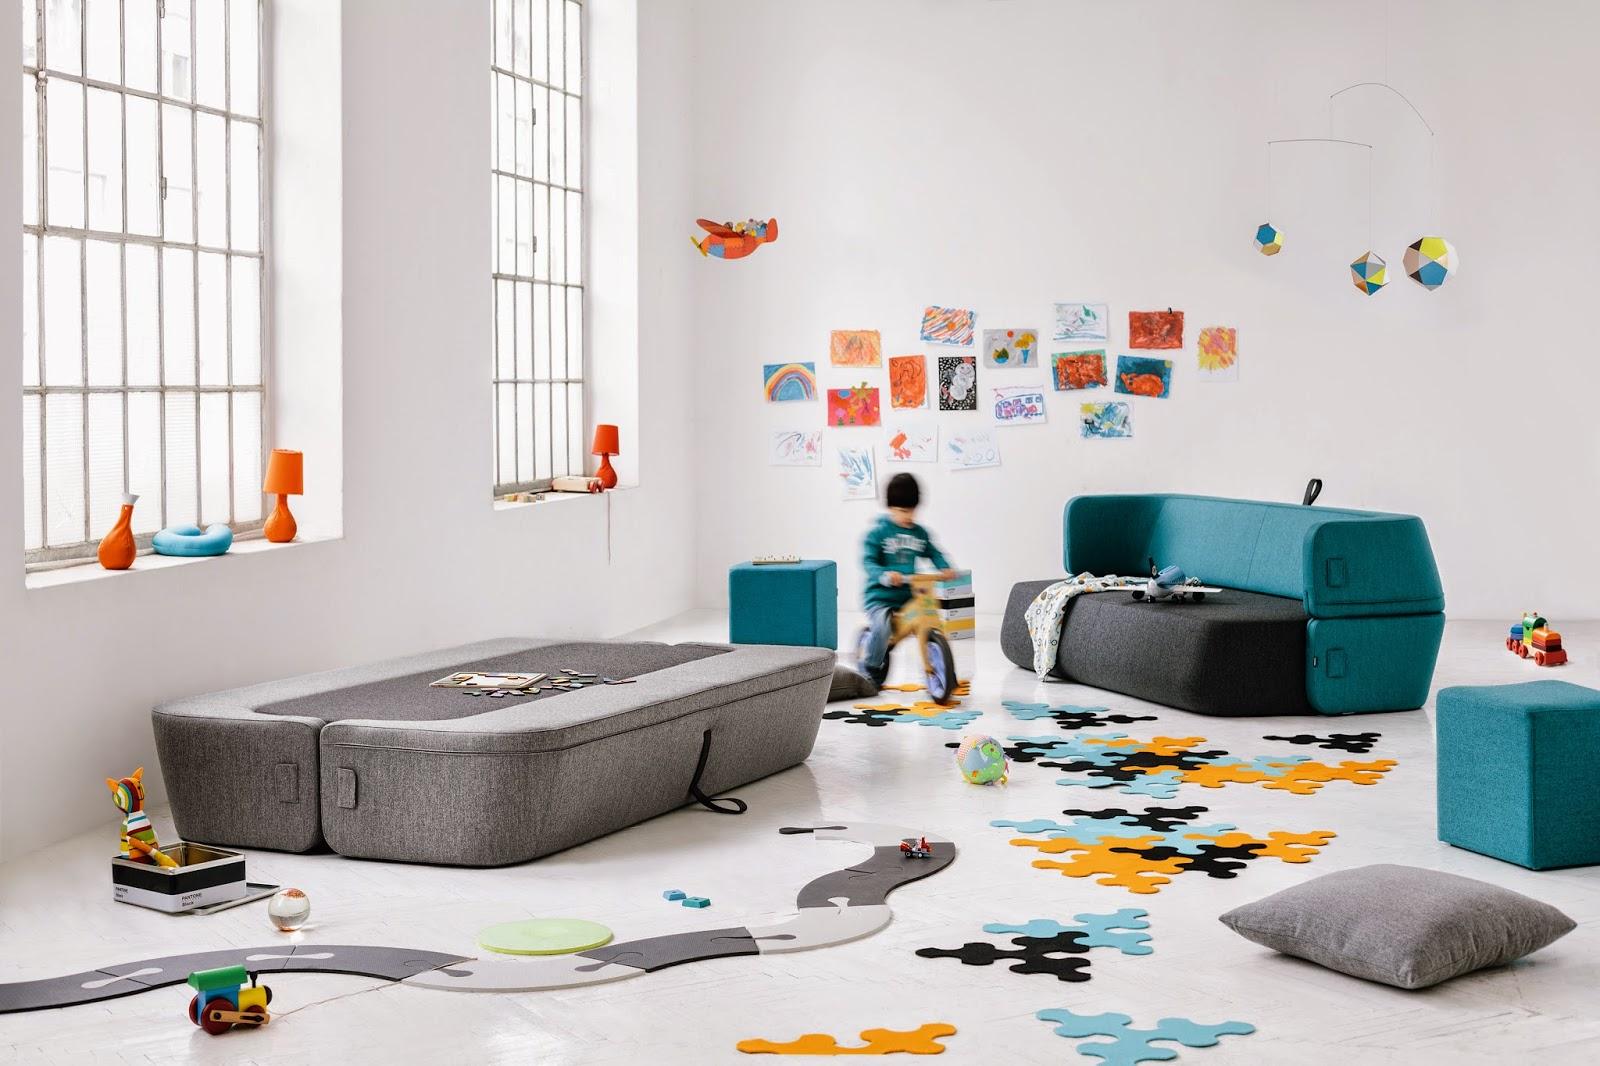 #B36B1822360968  Betaalbare Slaapbanken En Design Meubelen Prostoria Nederland Meest recente Design Meubelen Betaalbaar 1371 pic 160010661371 Ontwerp